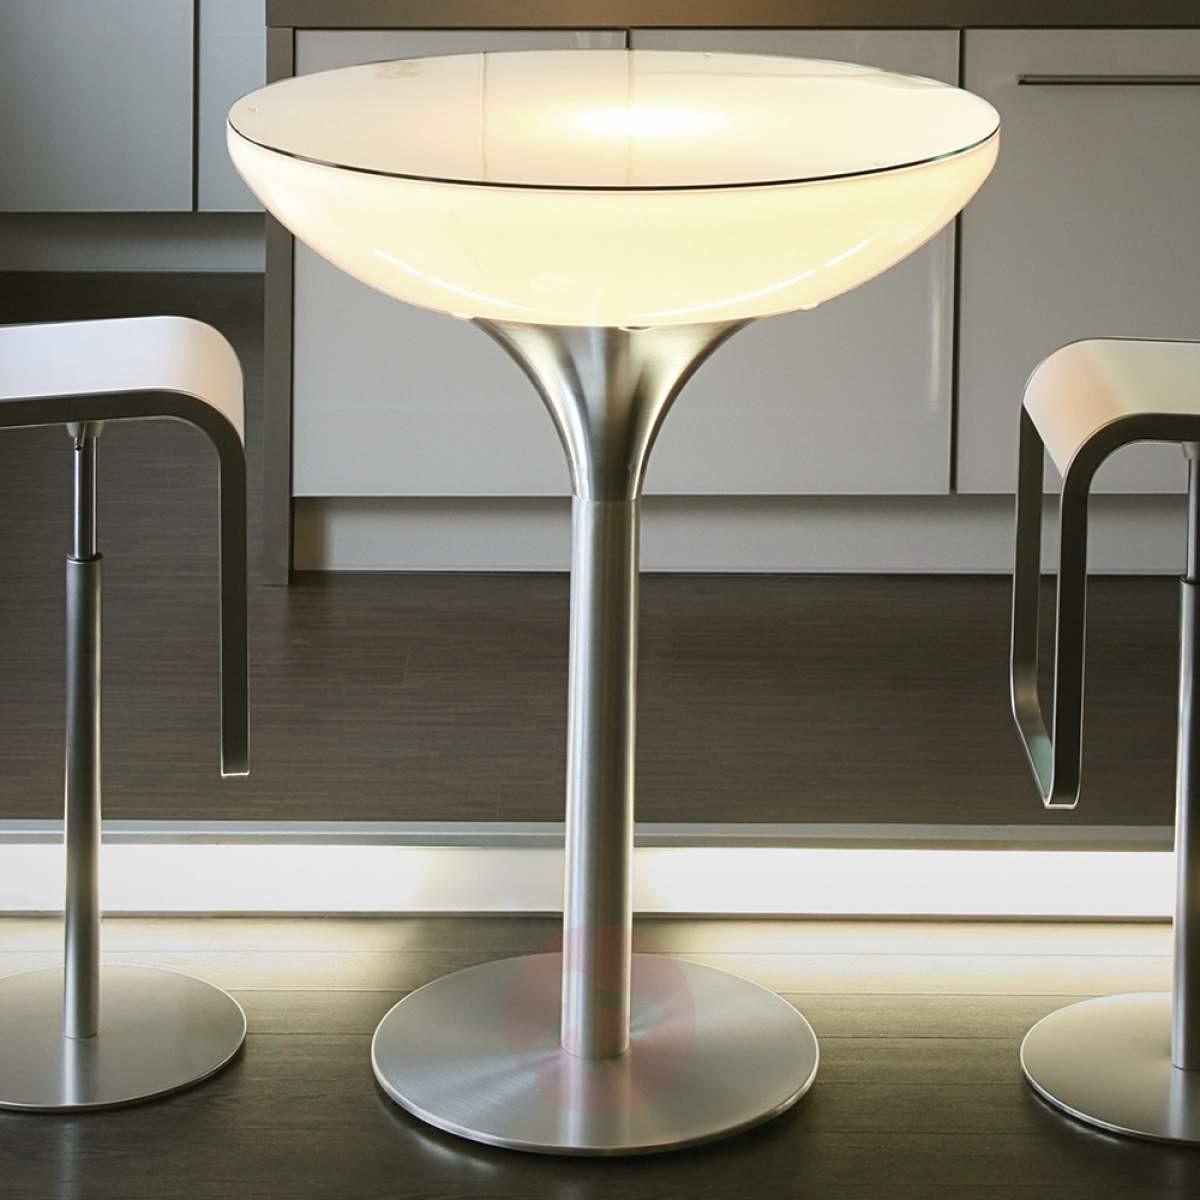 Moree Akumulatorowy stół LOUNGE, wysokość 105 cm, LED